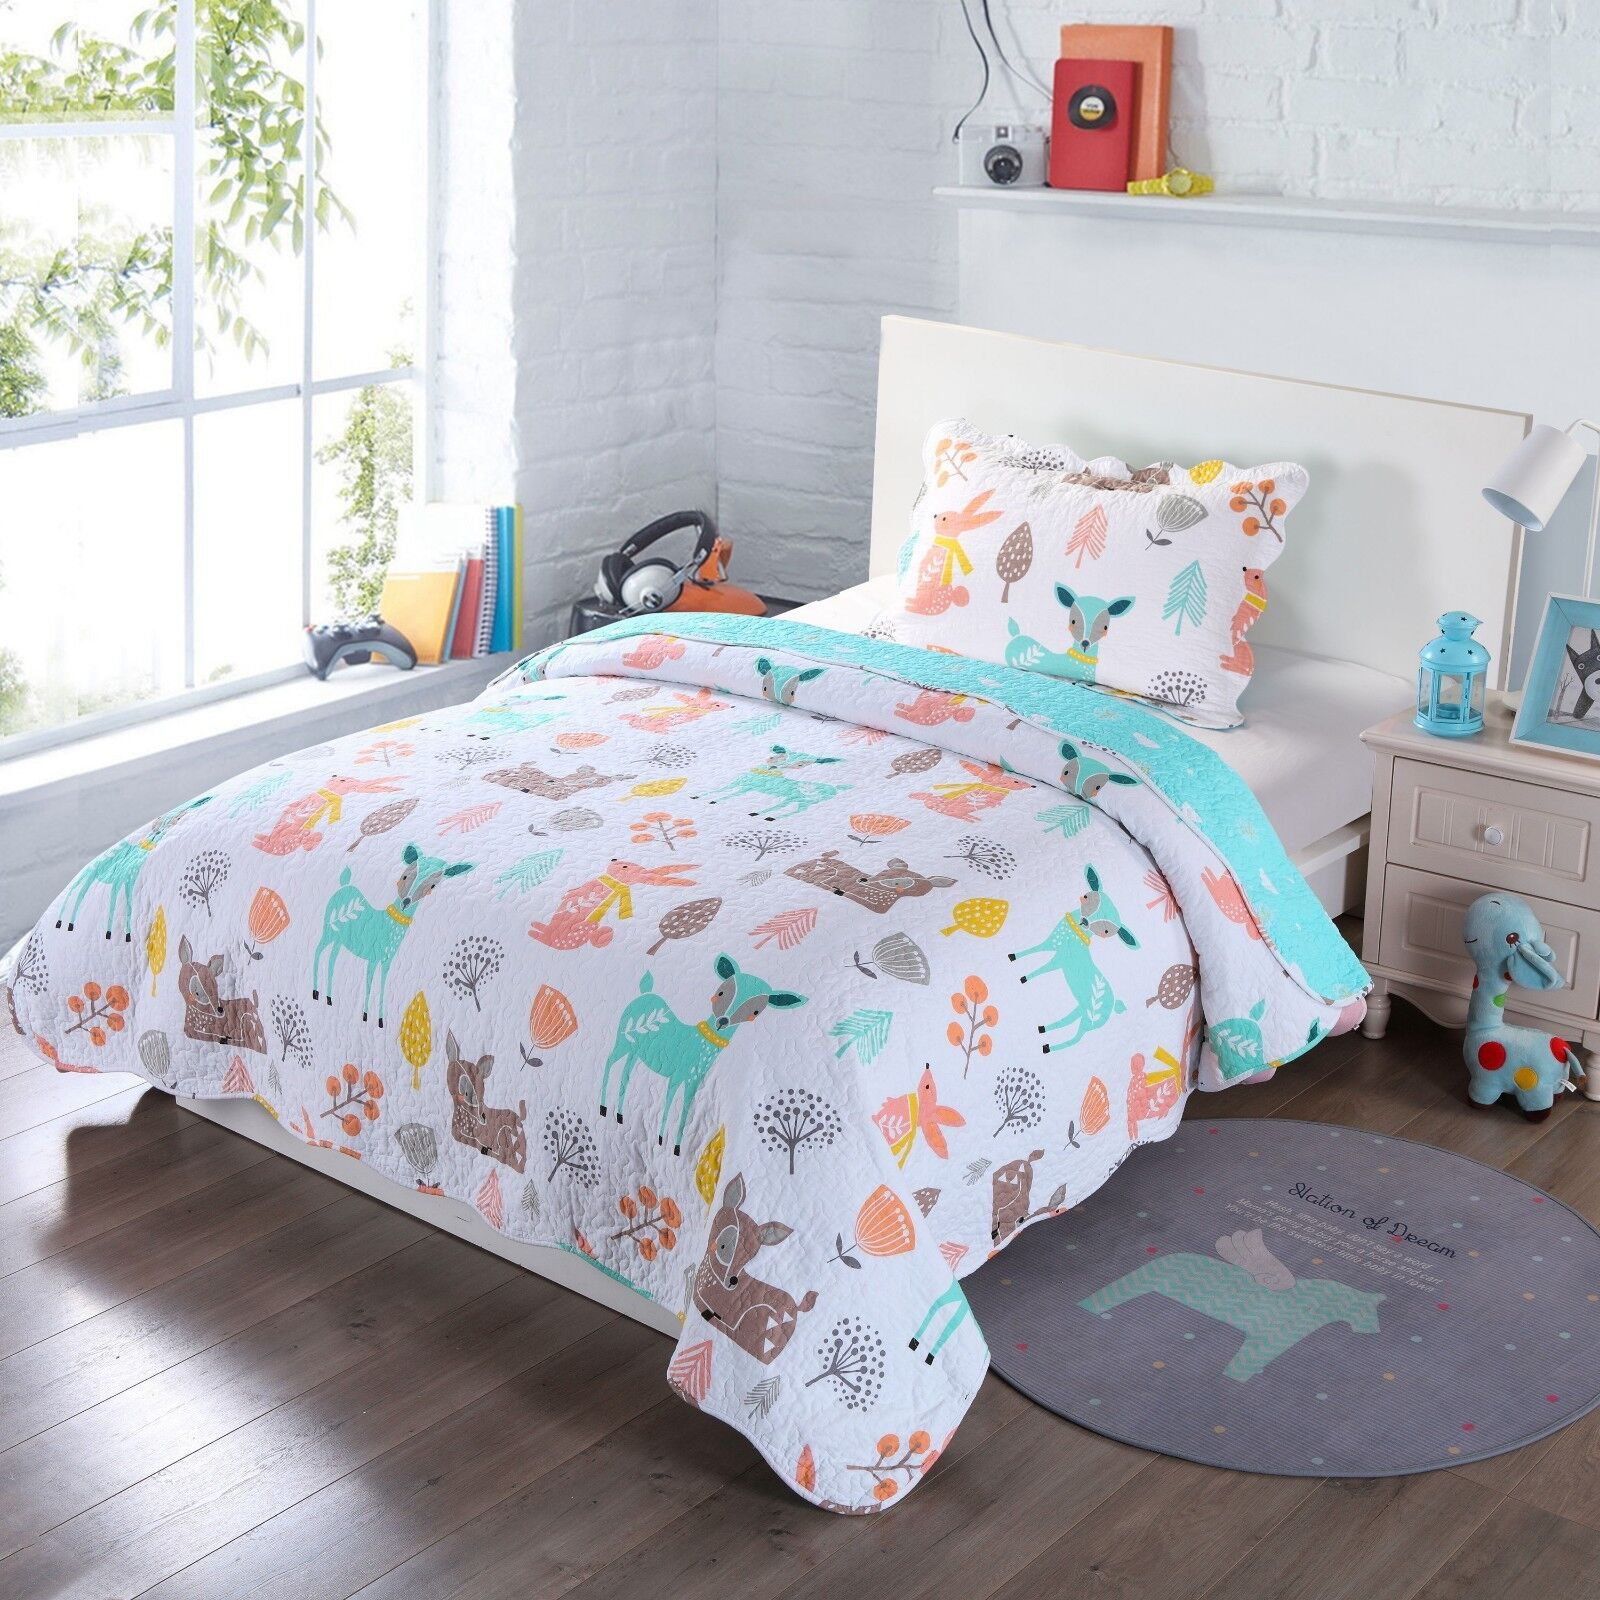 100% Cotton Kids Quilt Bedspread Comforter Set Throw Blanket